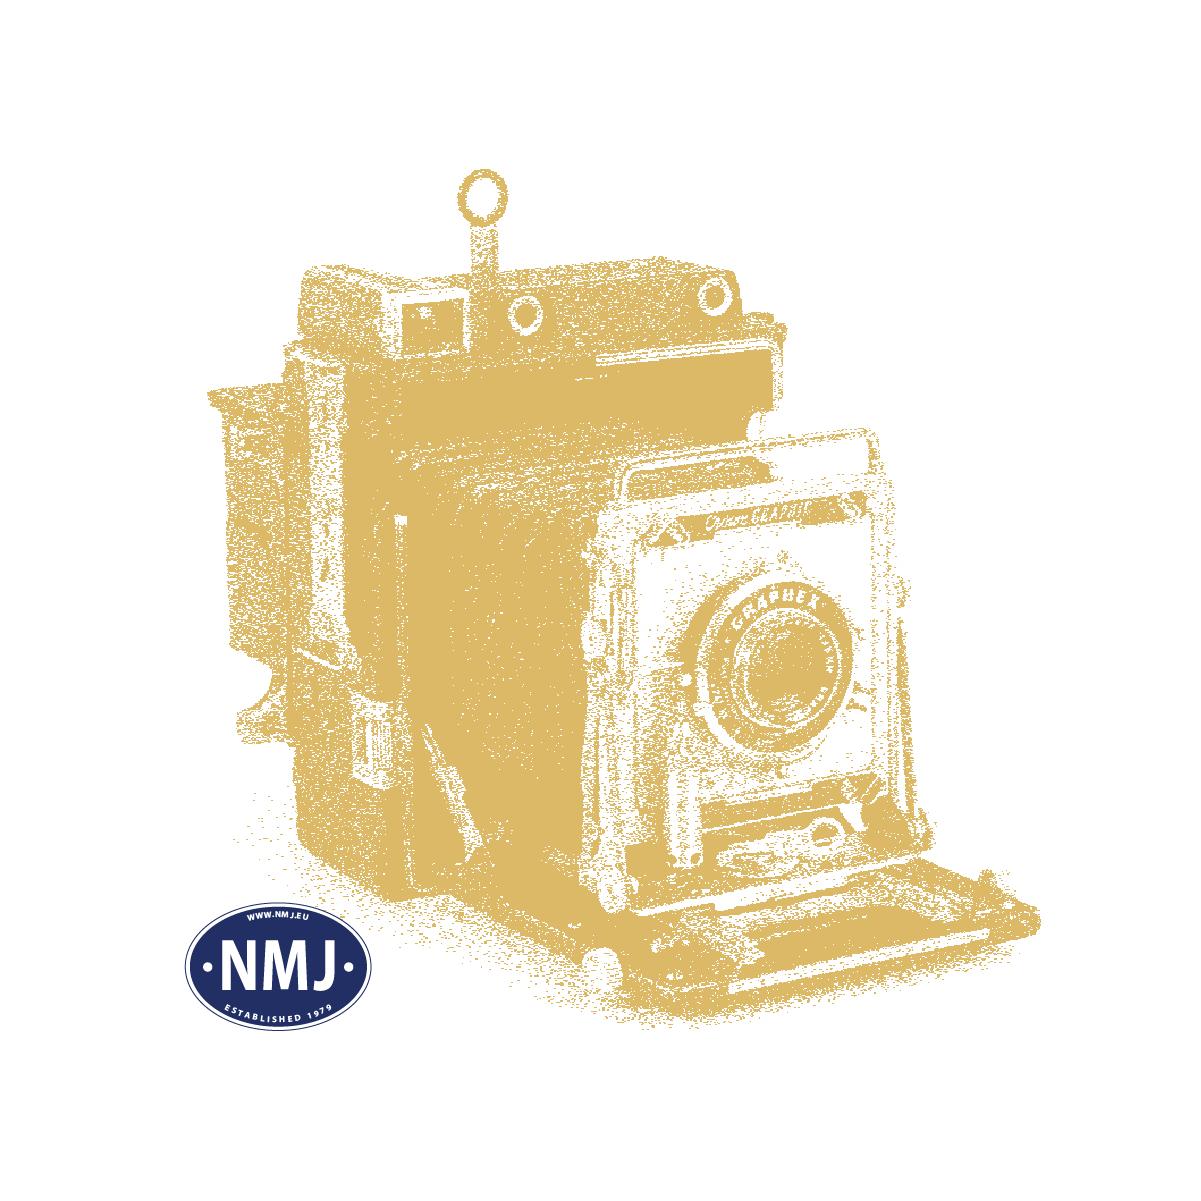 NMJH15117 - Norwegischer Bungalow, Braun / Weiß, H0 Fertigmodell